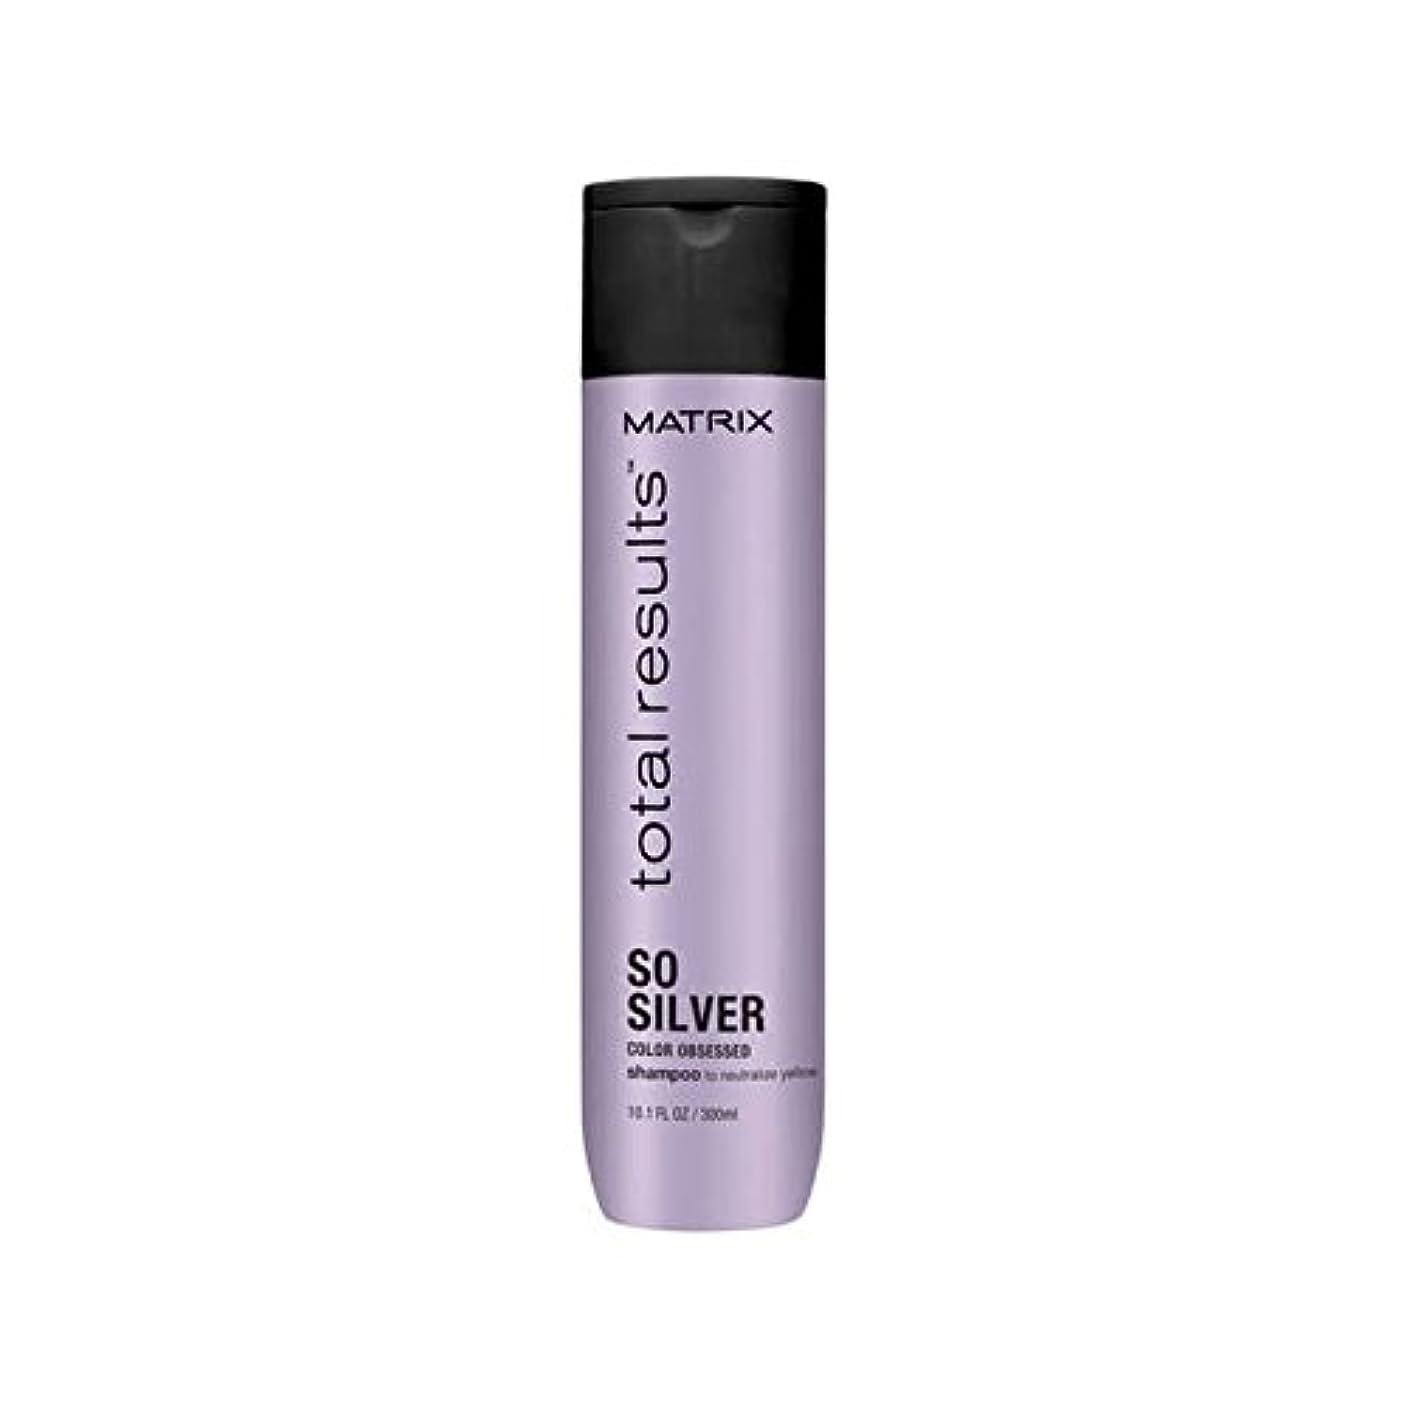 土器組立新しい意味Matrix Total Results Color Obsessed So Silver Shampoo (300ml) - マトリックスの総結果色夢中そう銀シャンプー(300ミリリットル) [並行輸入品]